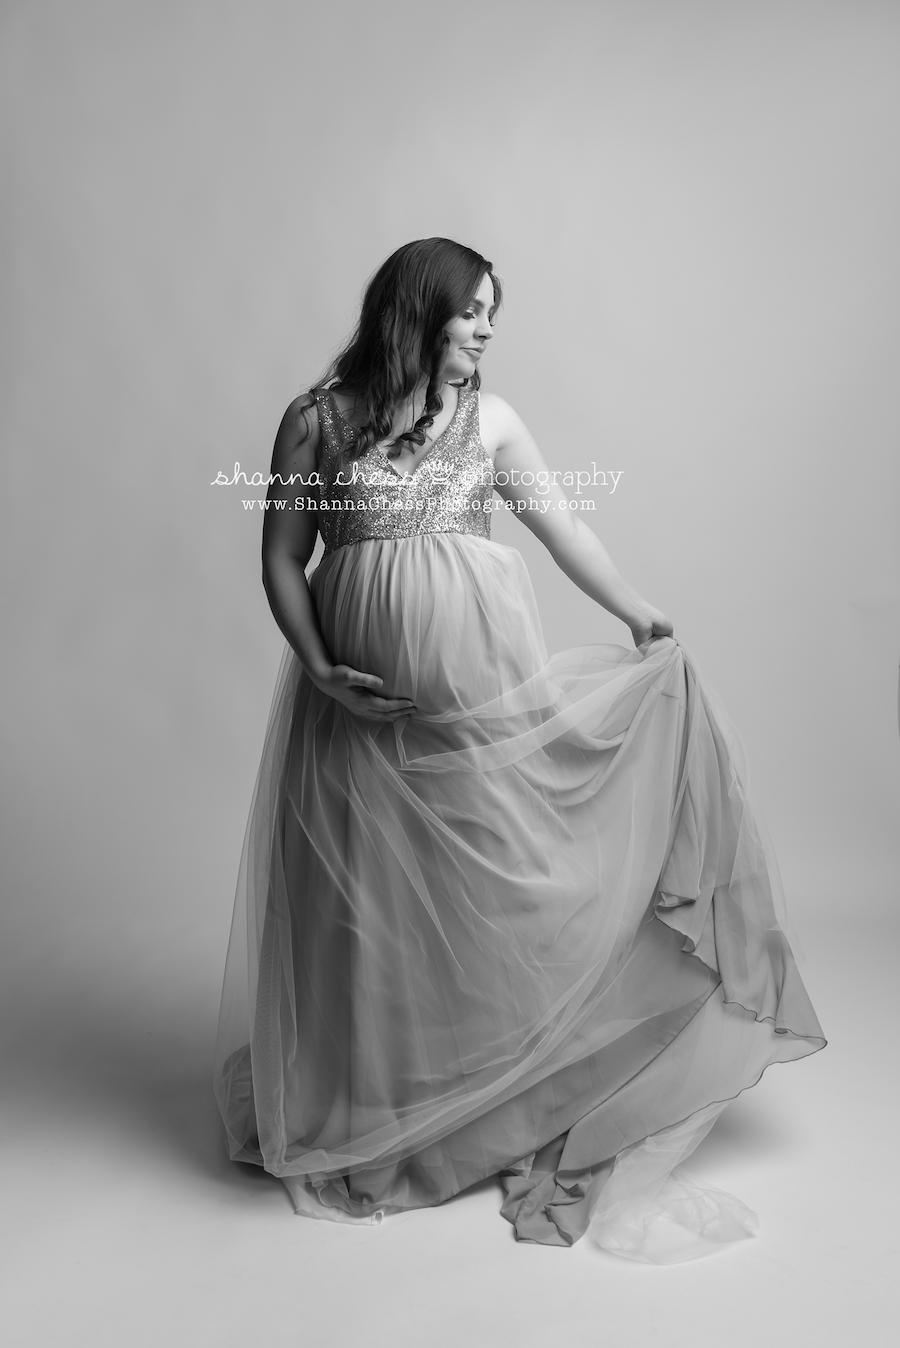 eugene oregon studio maternity photography